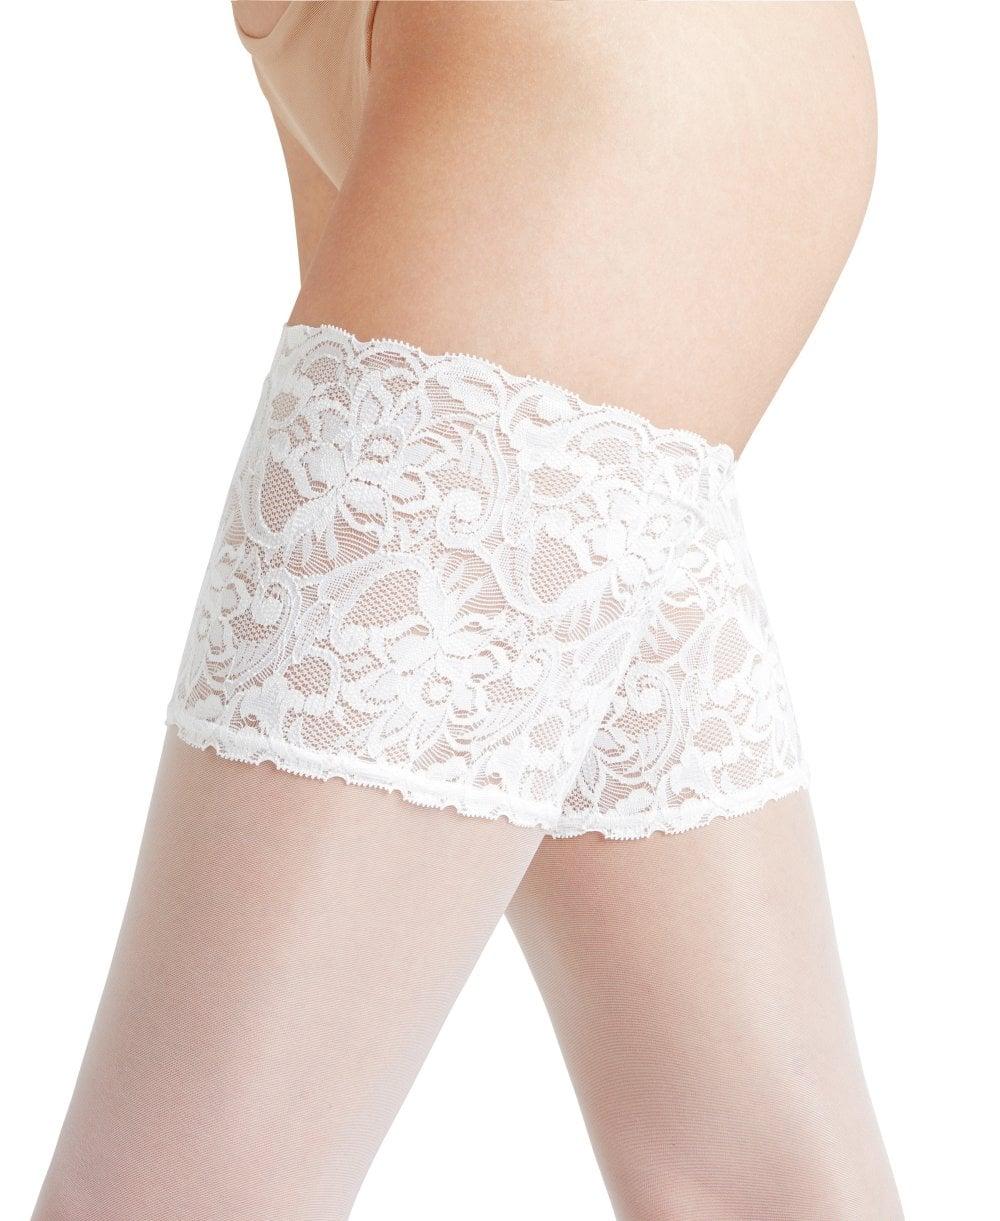 8ee0ebe11 Falke Seidenglatt 15 Deep Lace Stay Ups - Hold-Ups from luxury-legs ...